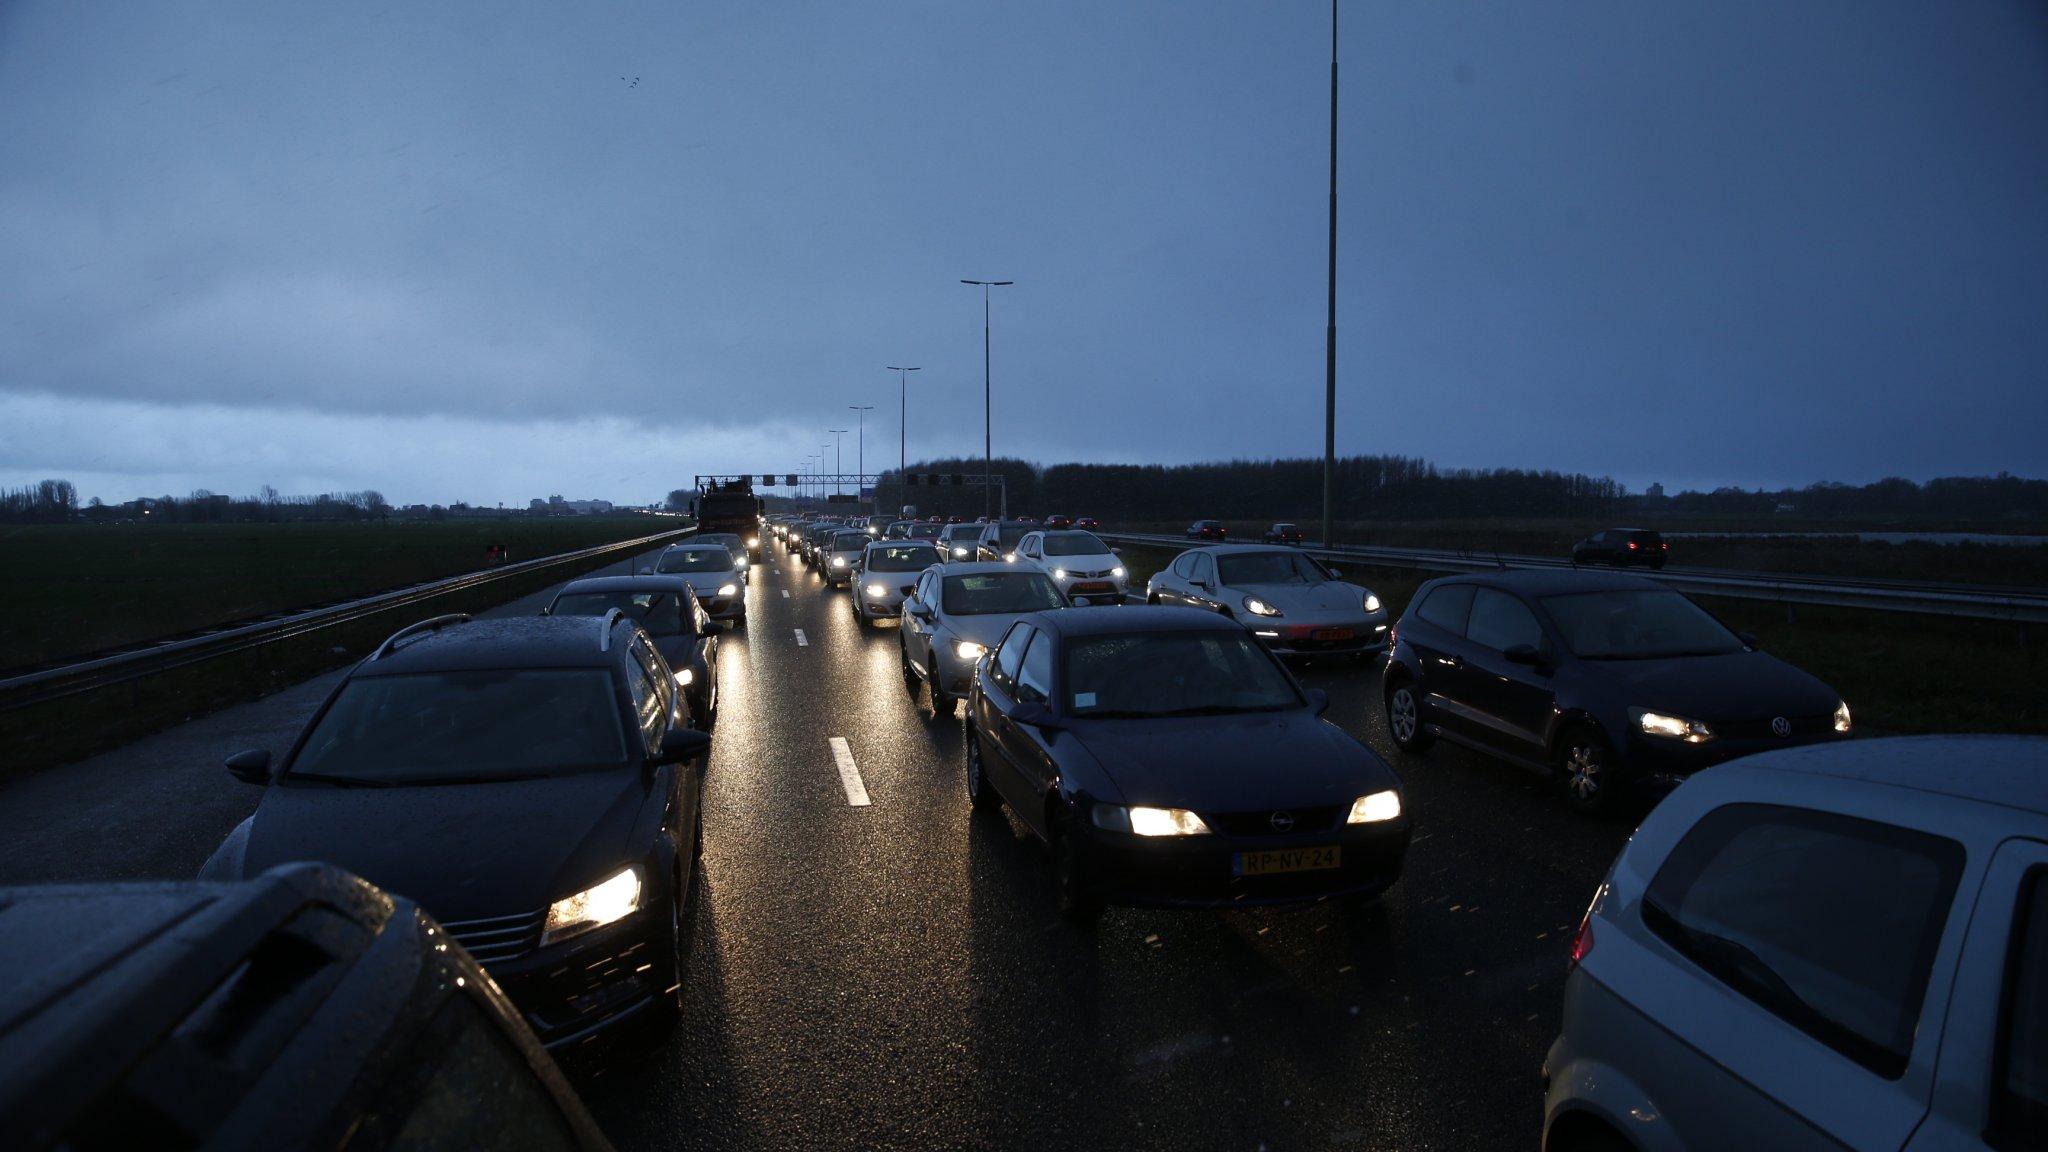 Drukke ochtendspits door regen en aanrijdingen, ruim 400 kilometer file.